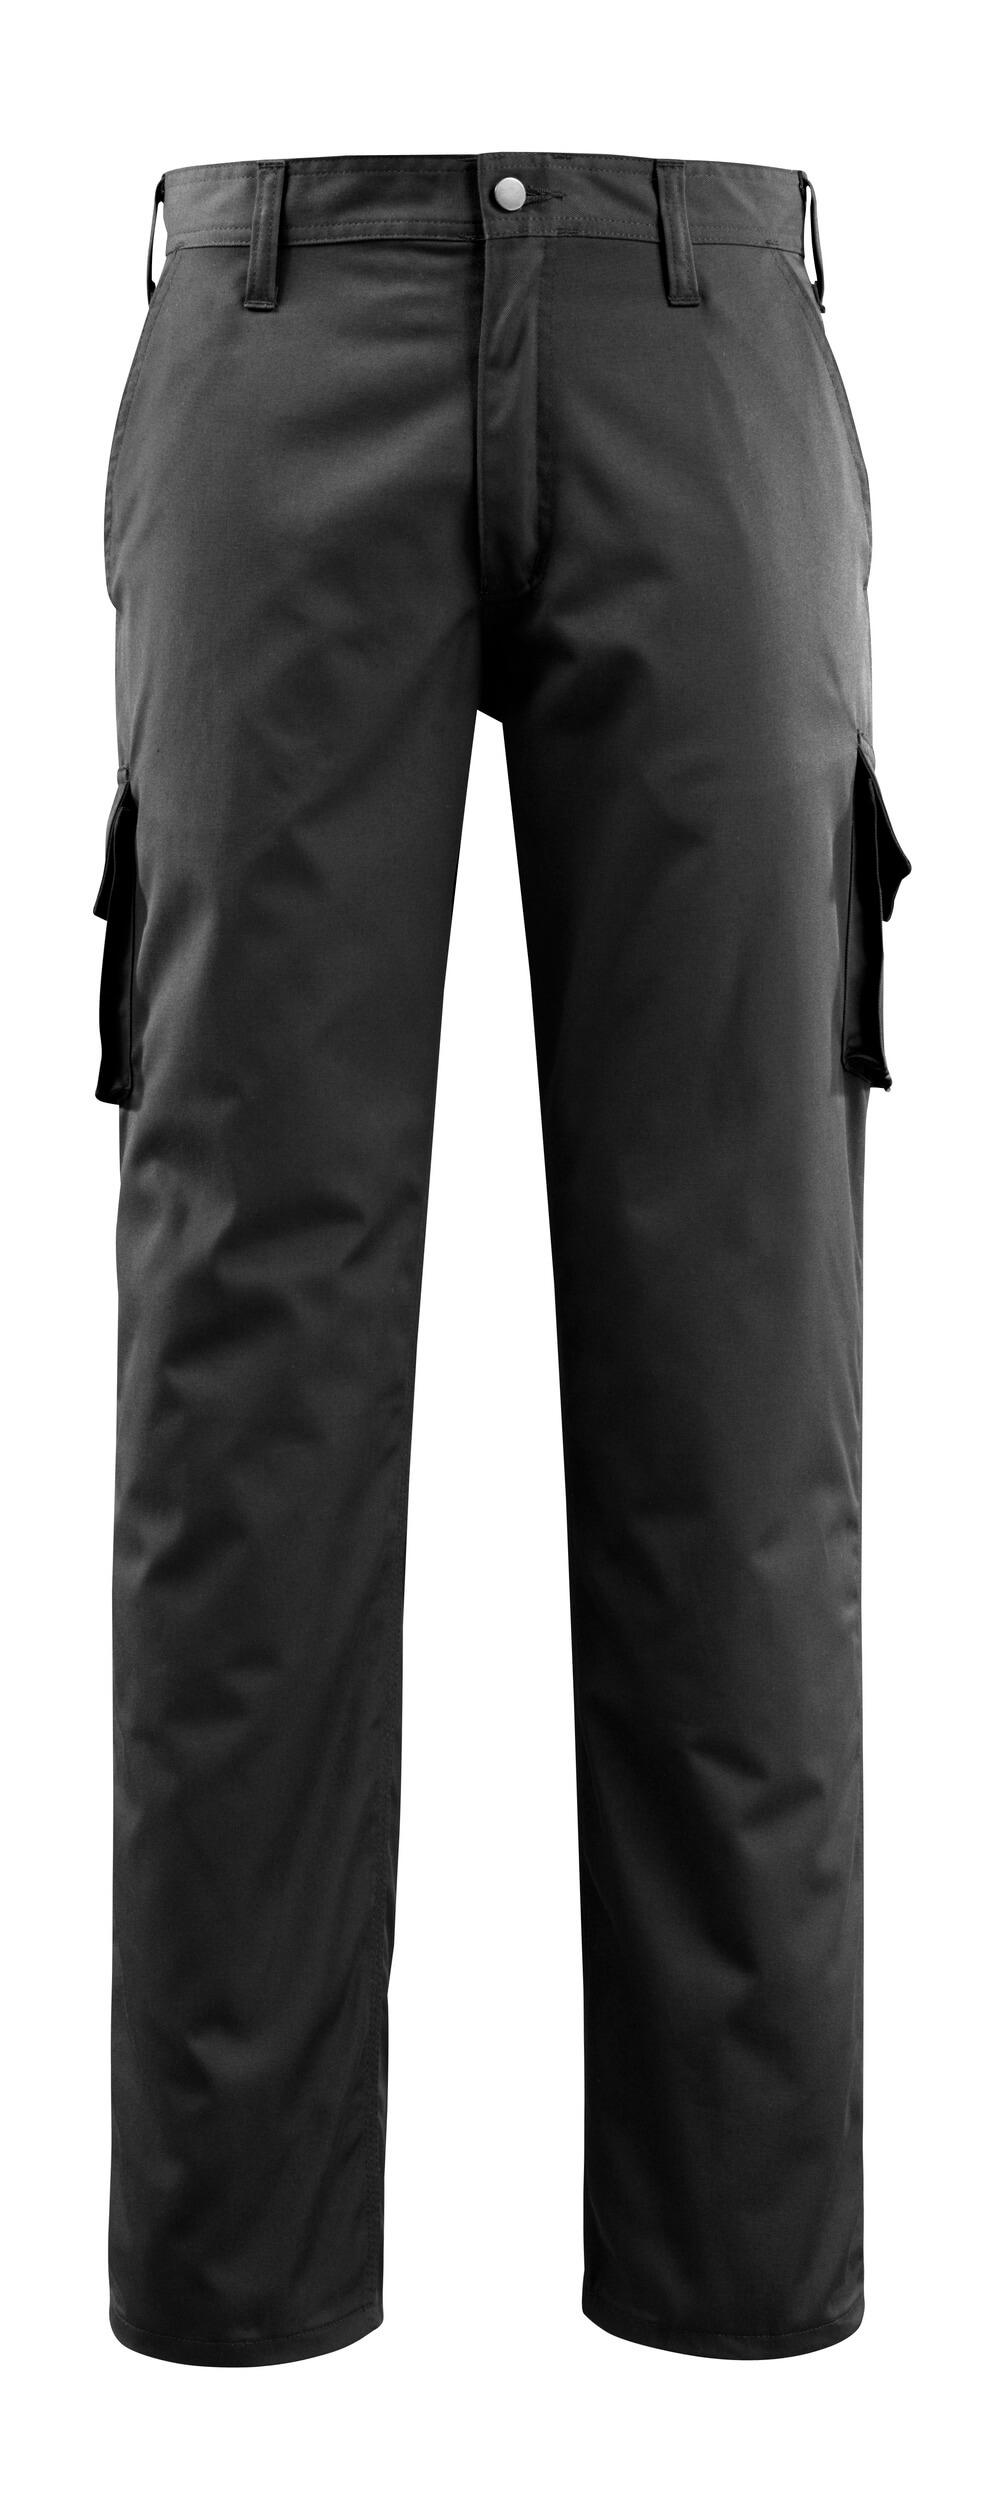 14779-850-09 Broek met dijbeenzakken - zwart